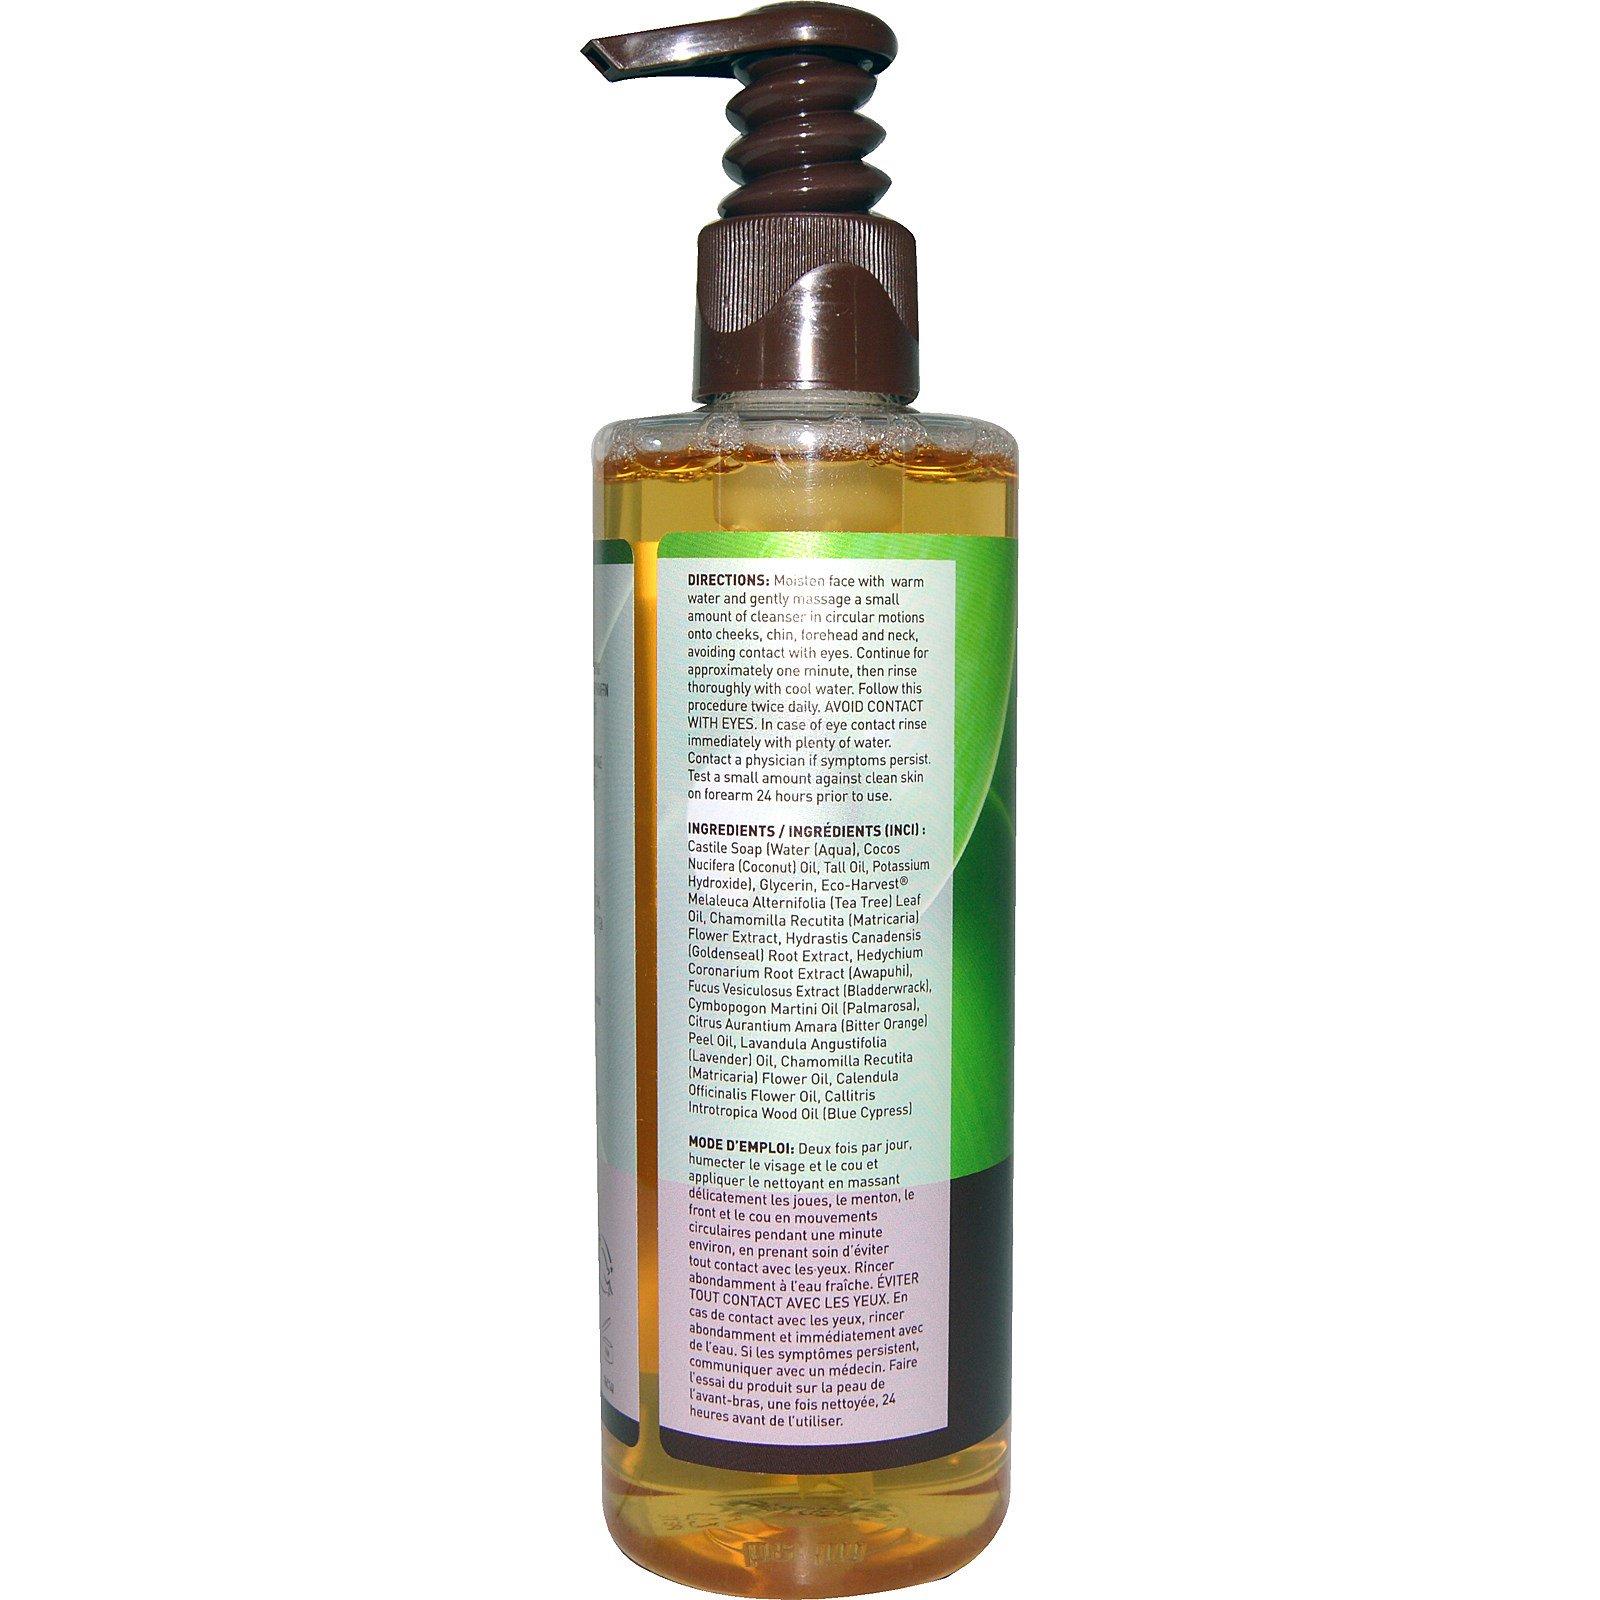 chamomilla recutita matricaria extract